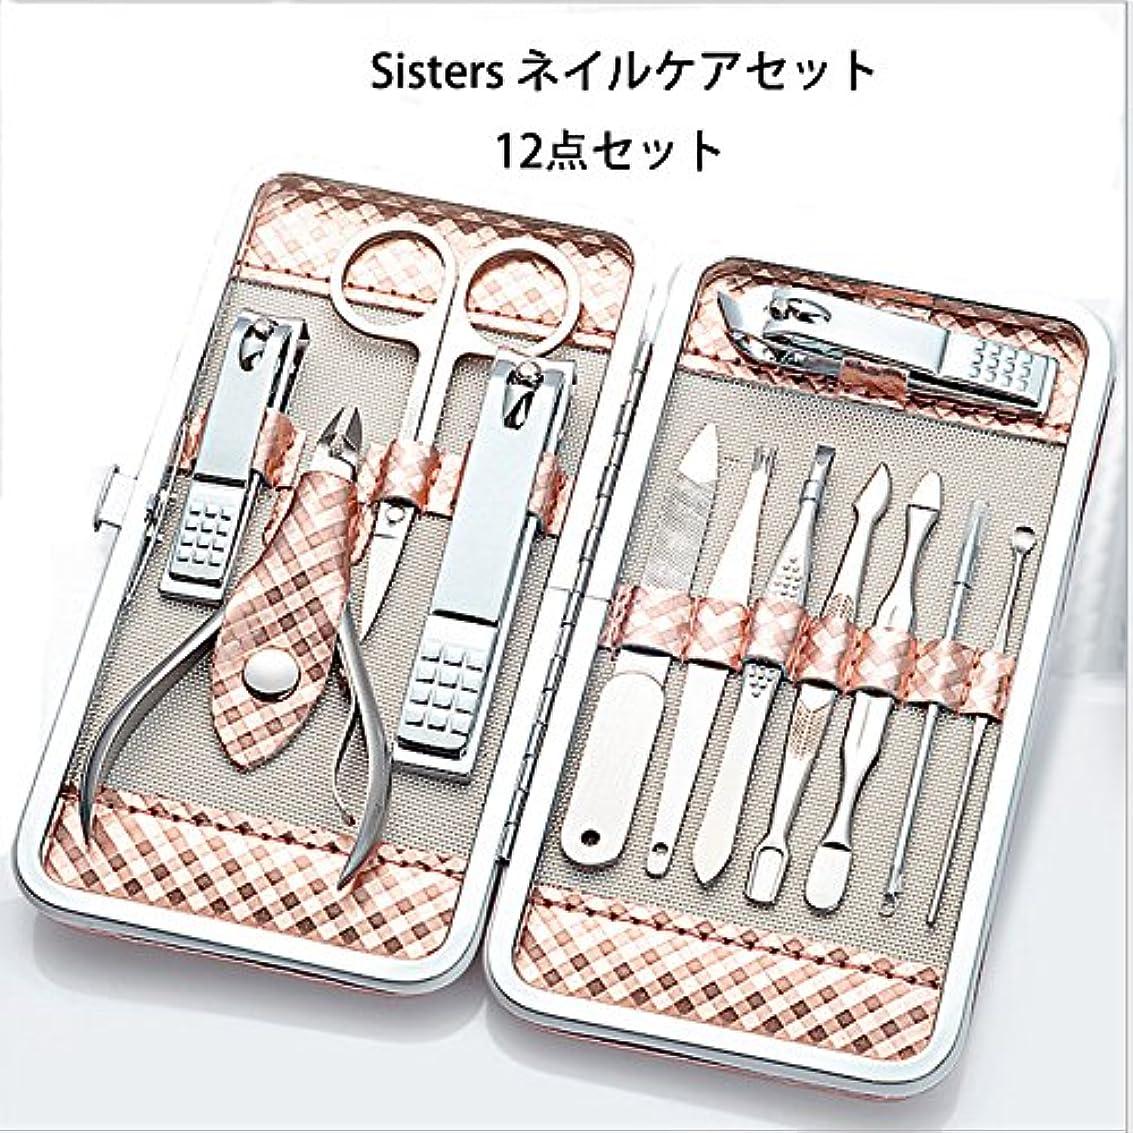 安心セミナー優れました爪切りセット Sisters ネイルケアセット 12点セット 手足爪磨き甘皮処理 ステンレス製 収納ケース付き 携帯便利 旅行用 家庭用 贈り物